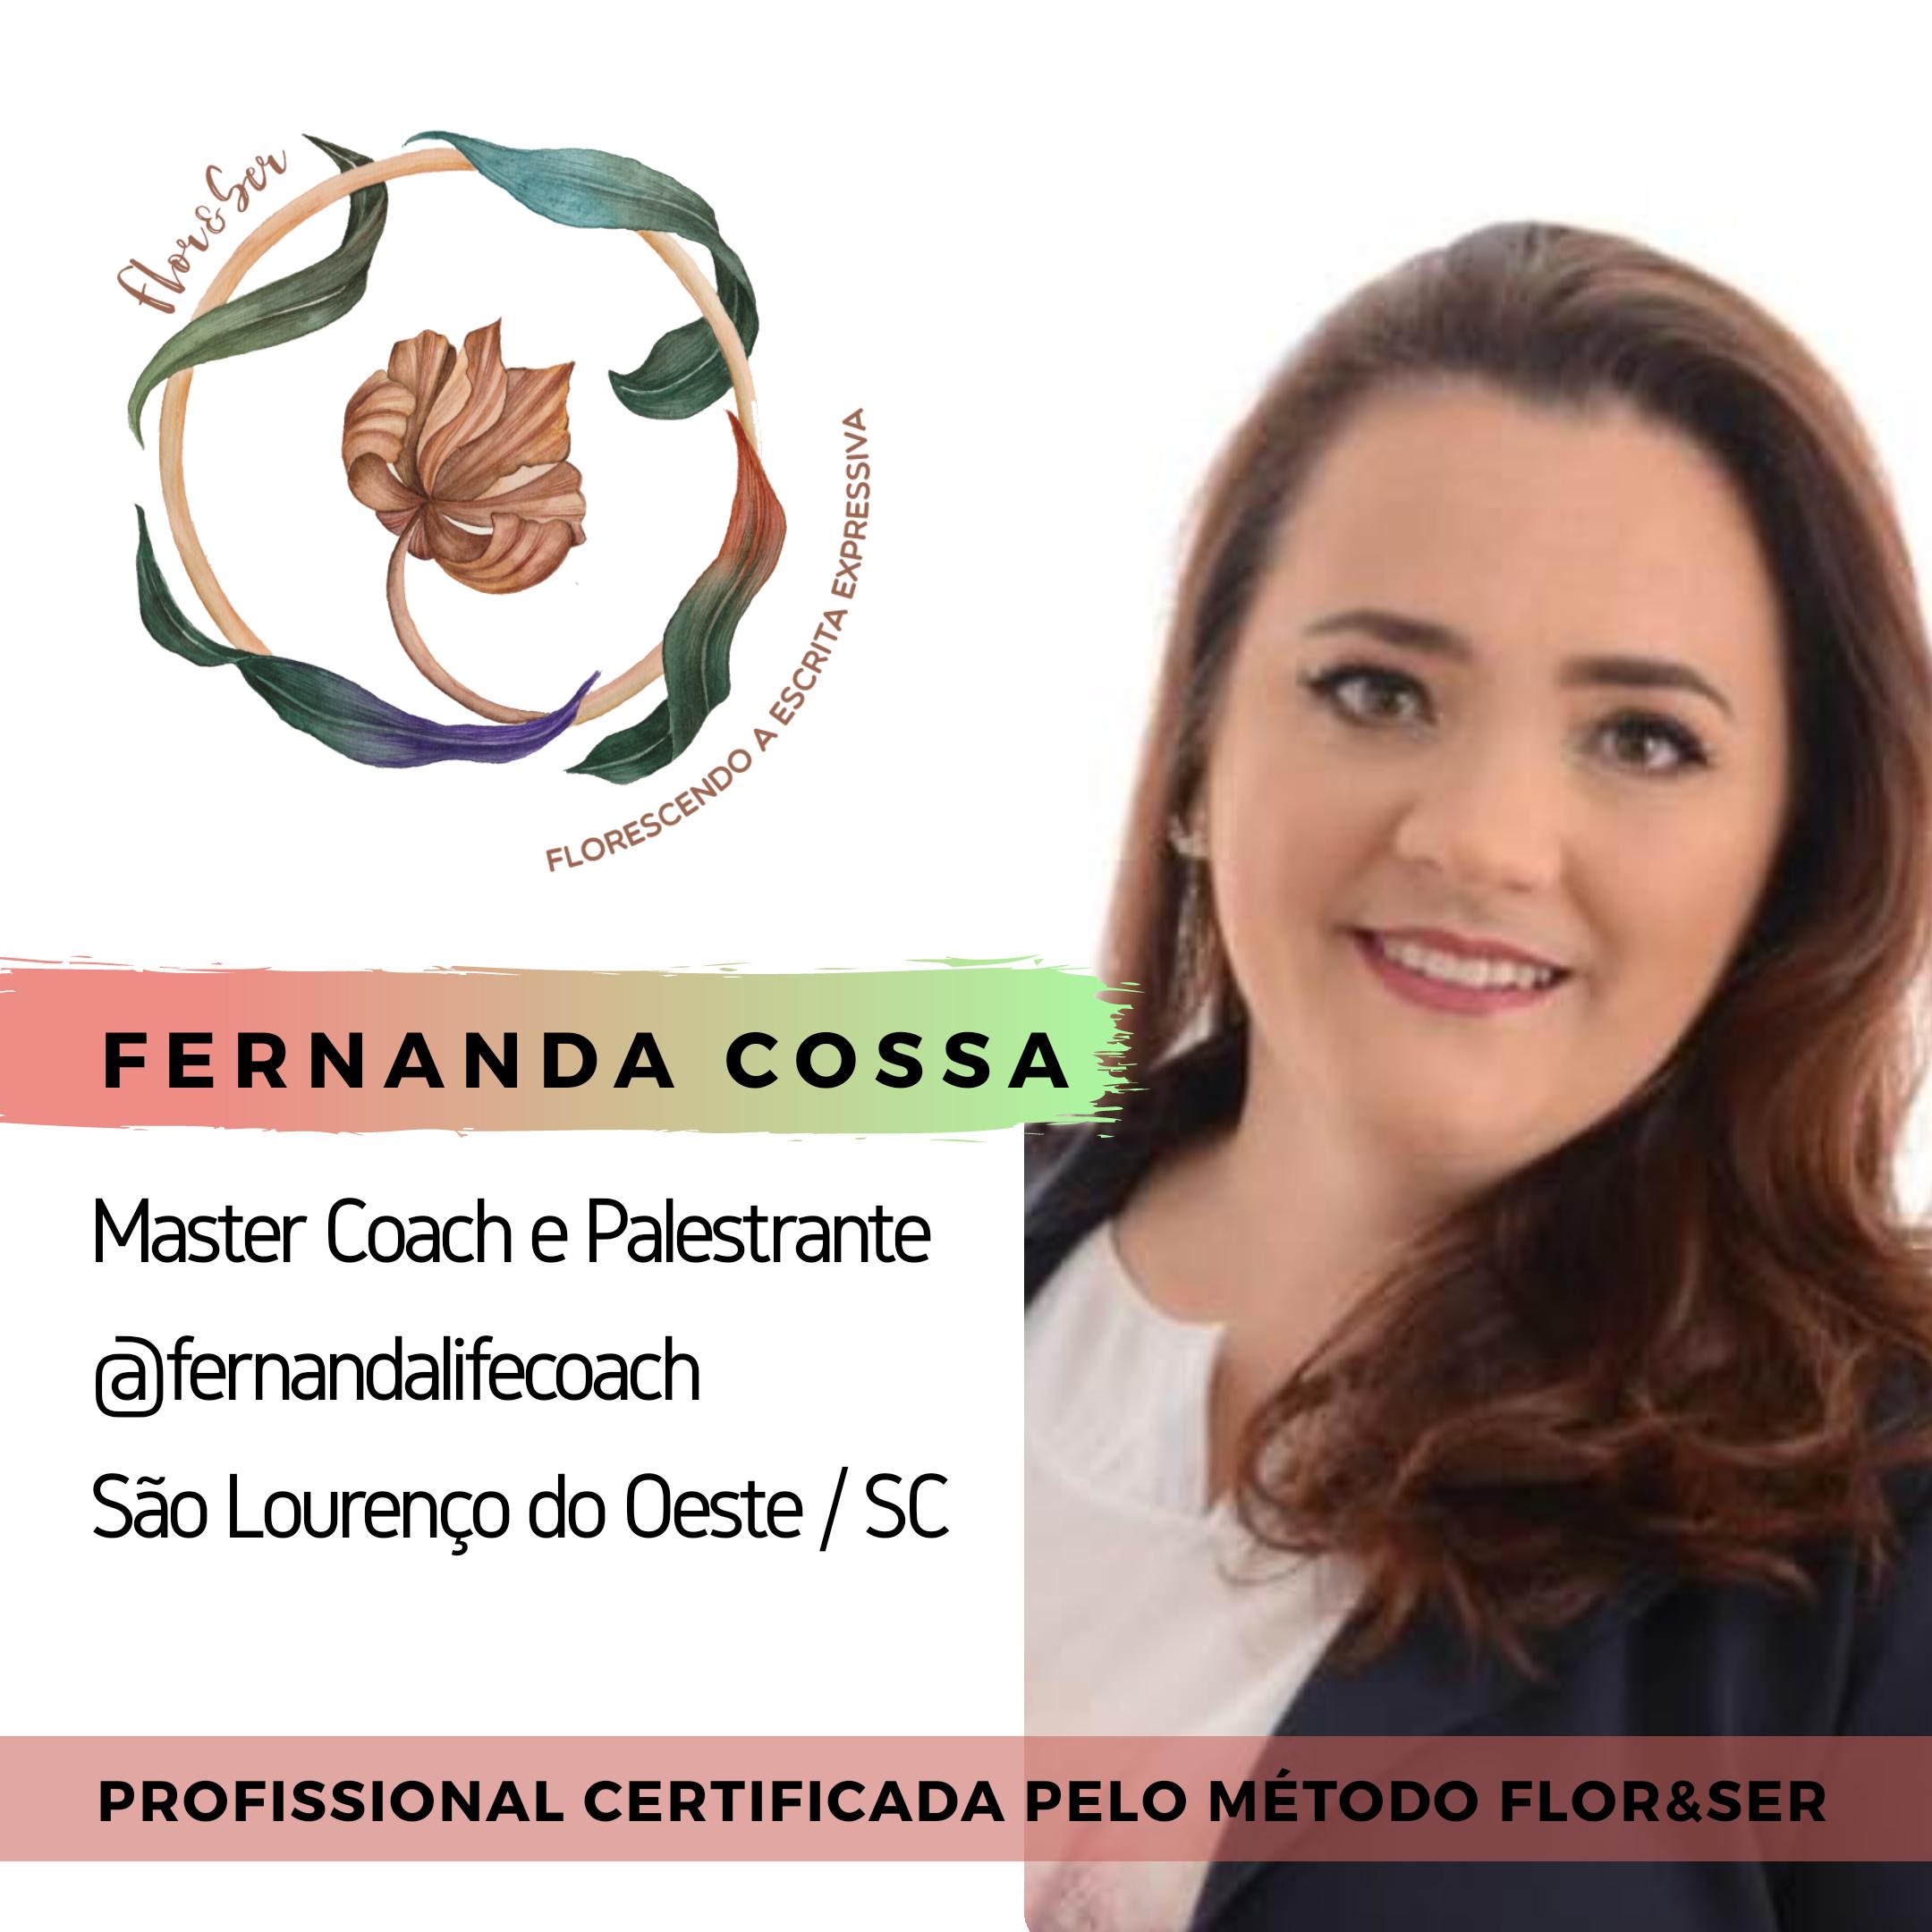 Fernanda Cossa